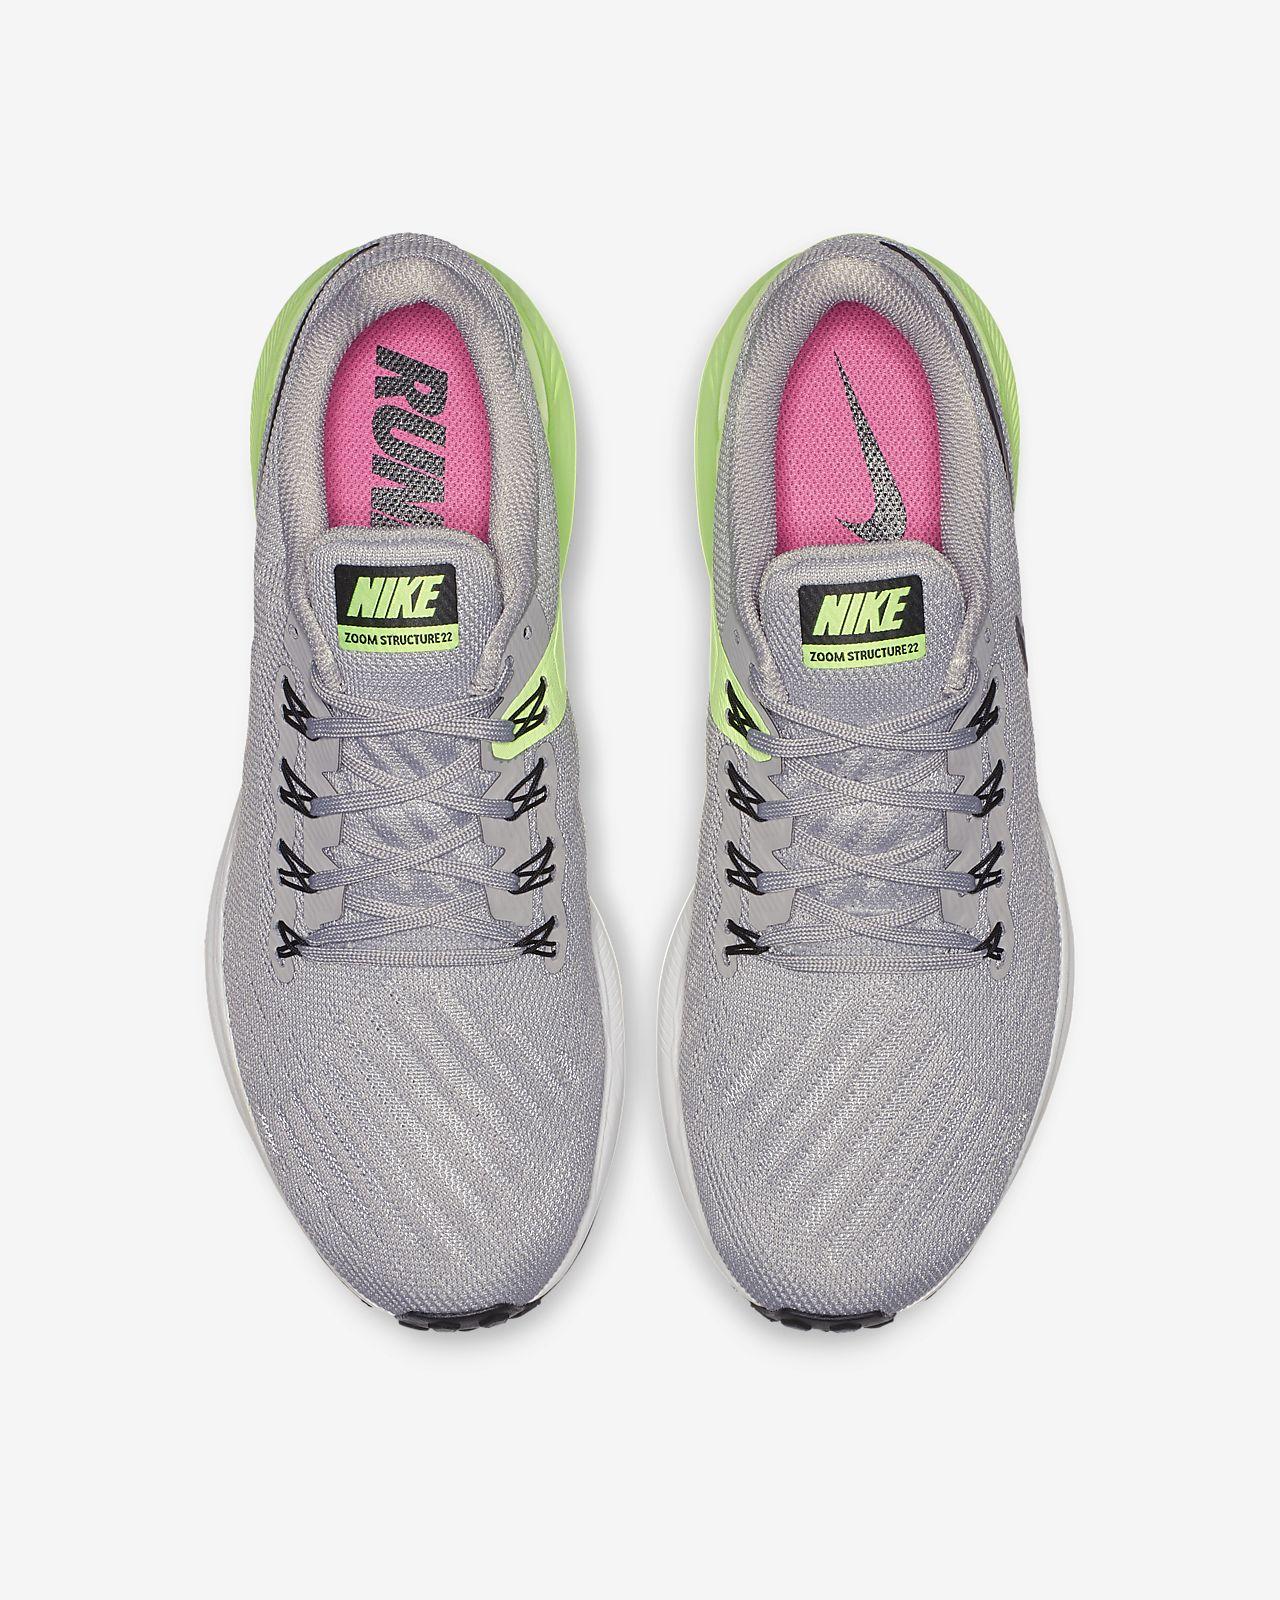 aef017c0c1de Chaussure de running Nike Air Zoom Structure 22 pour Homme. Nike.com FR